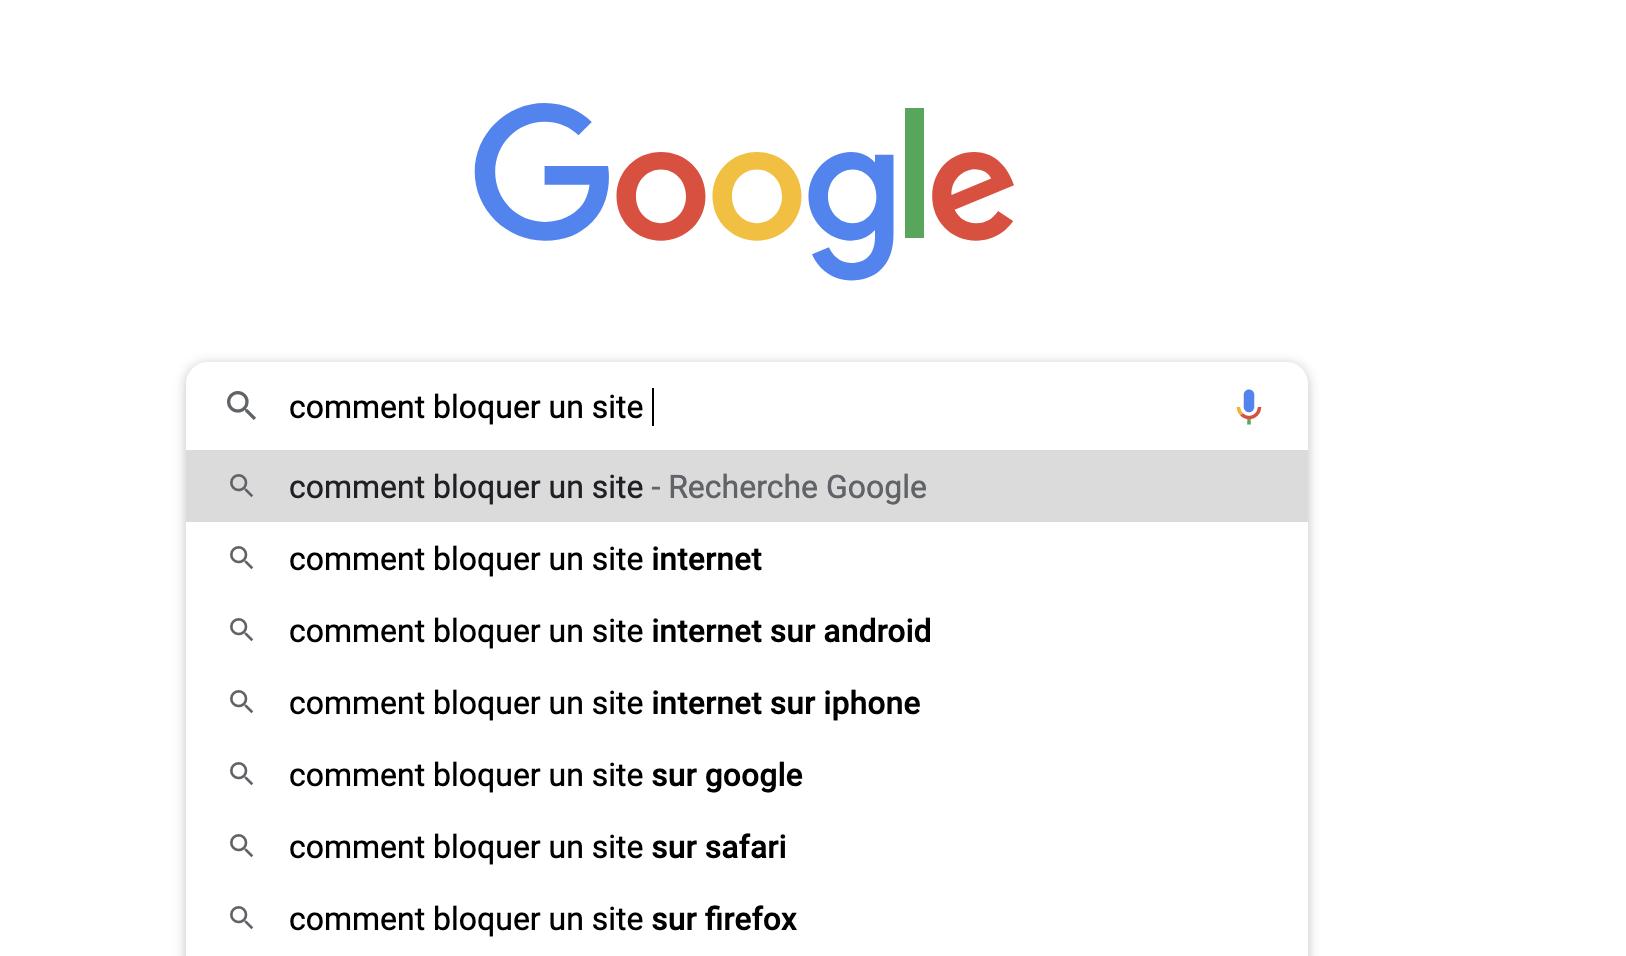 Comment bloquer un site internet